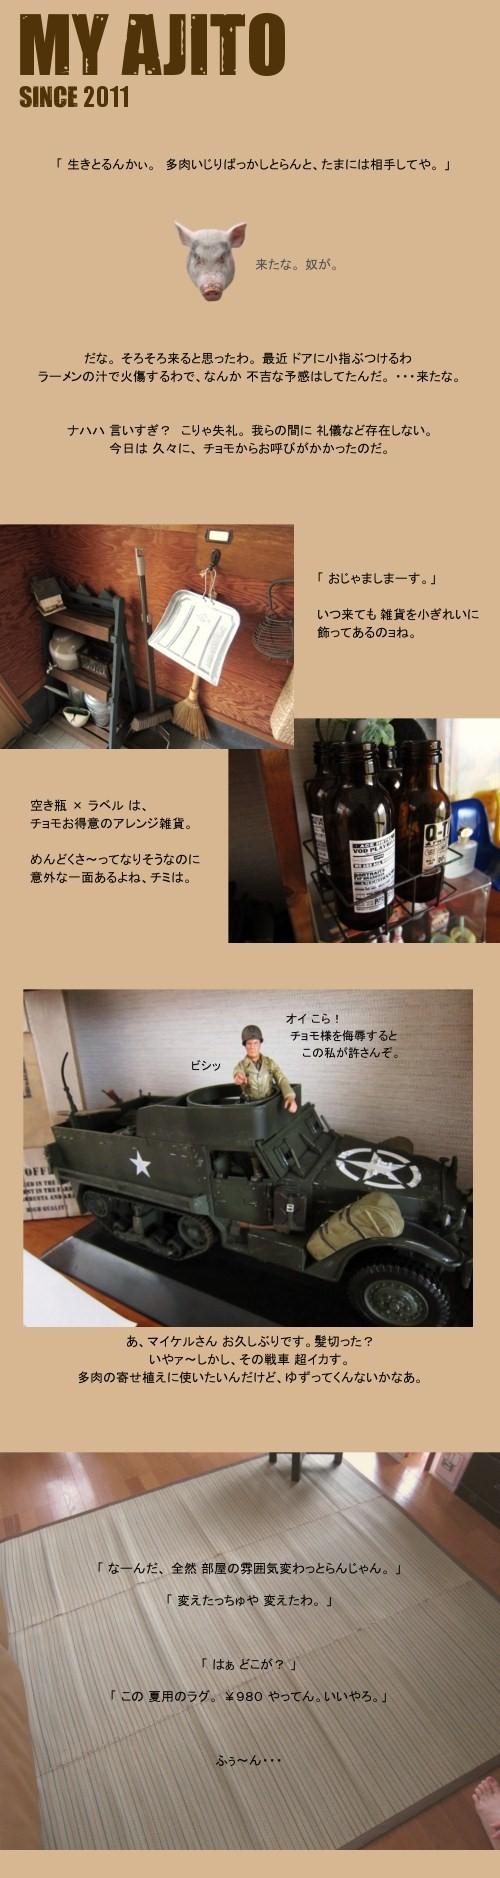 chomo_yoshita_1.jpg